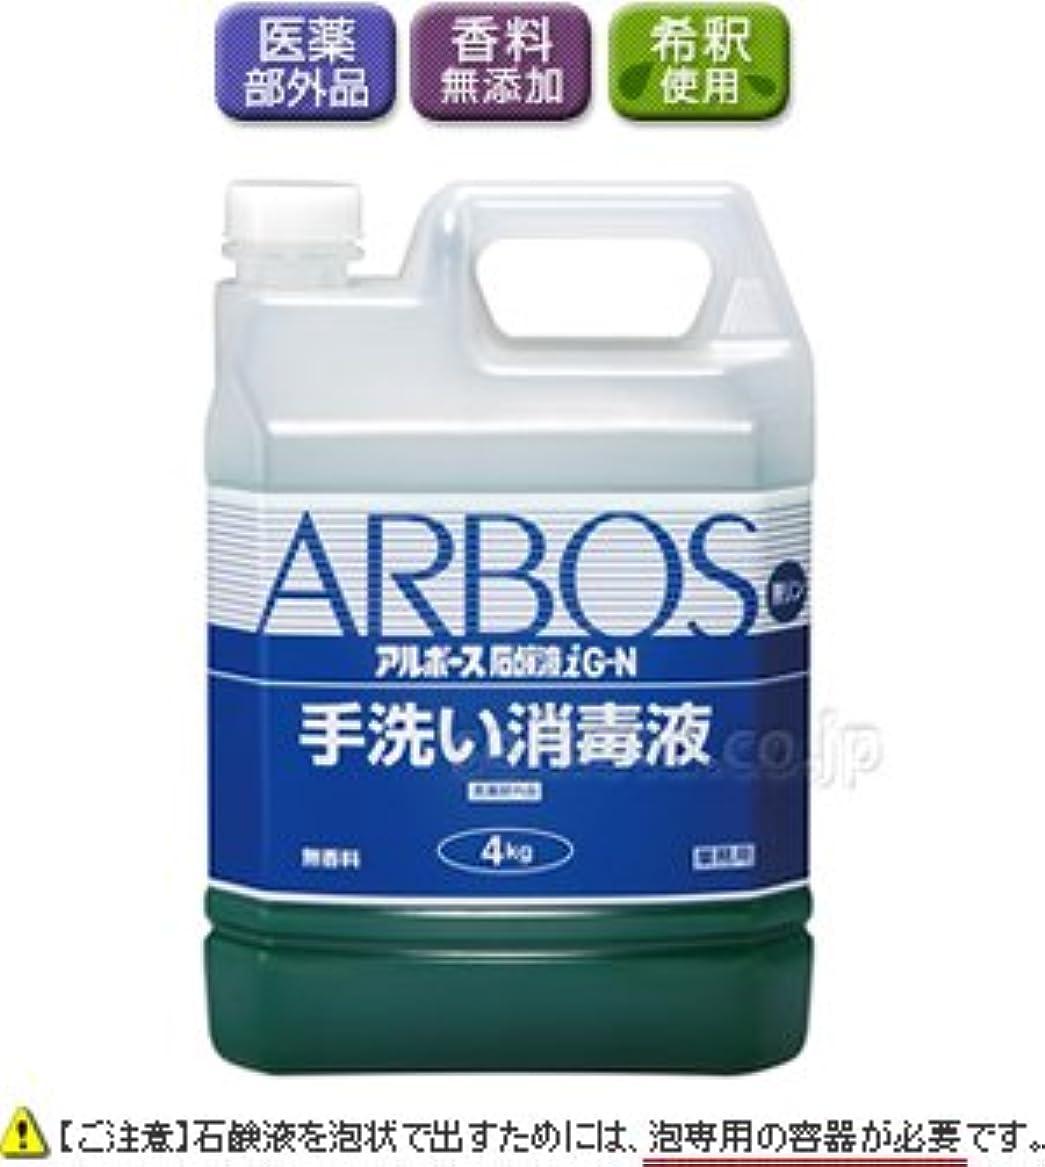 飢饉パラダイスどんよりした【清潔キレイ館】アルボース石鹸液iG-N(4kg×1本)